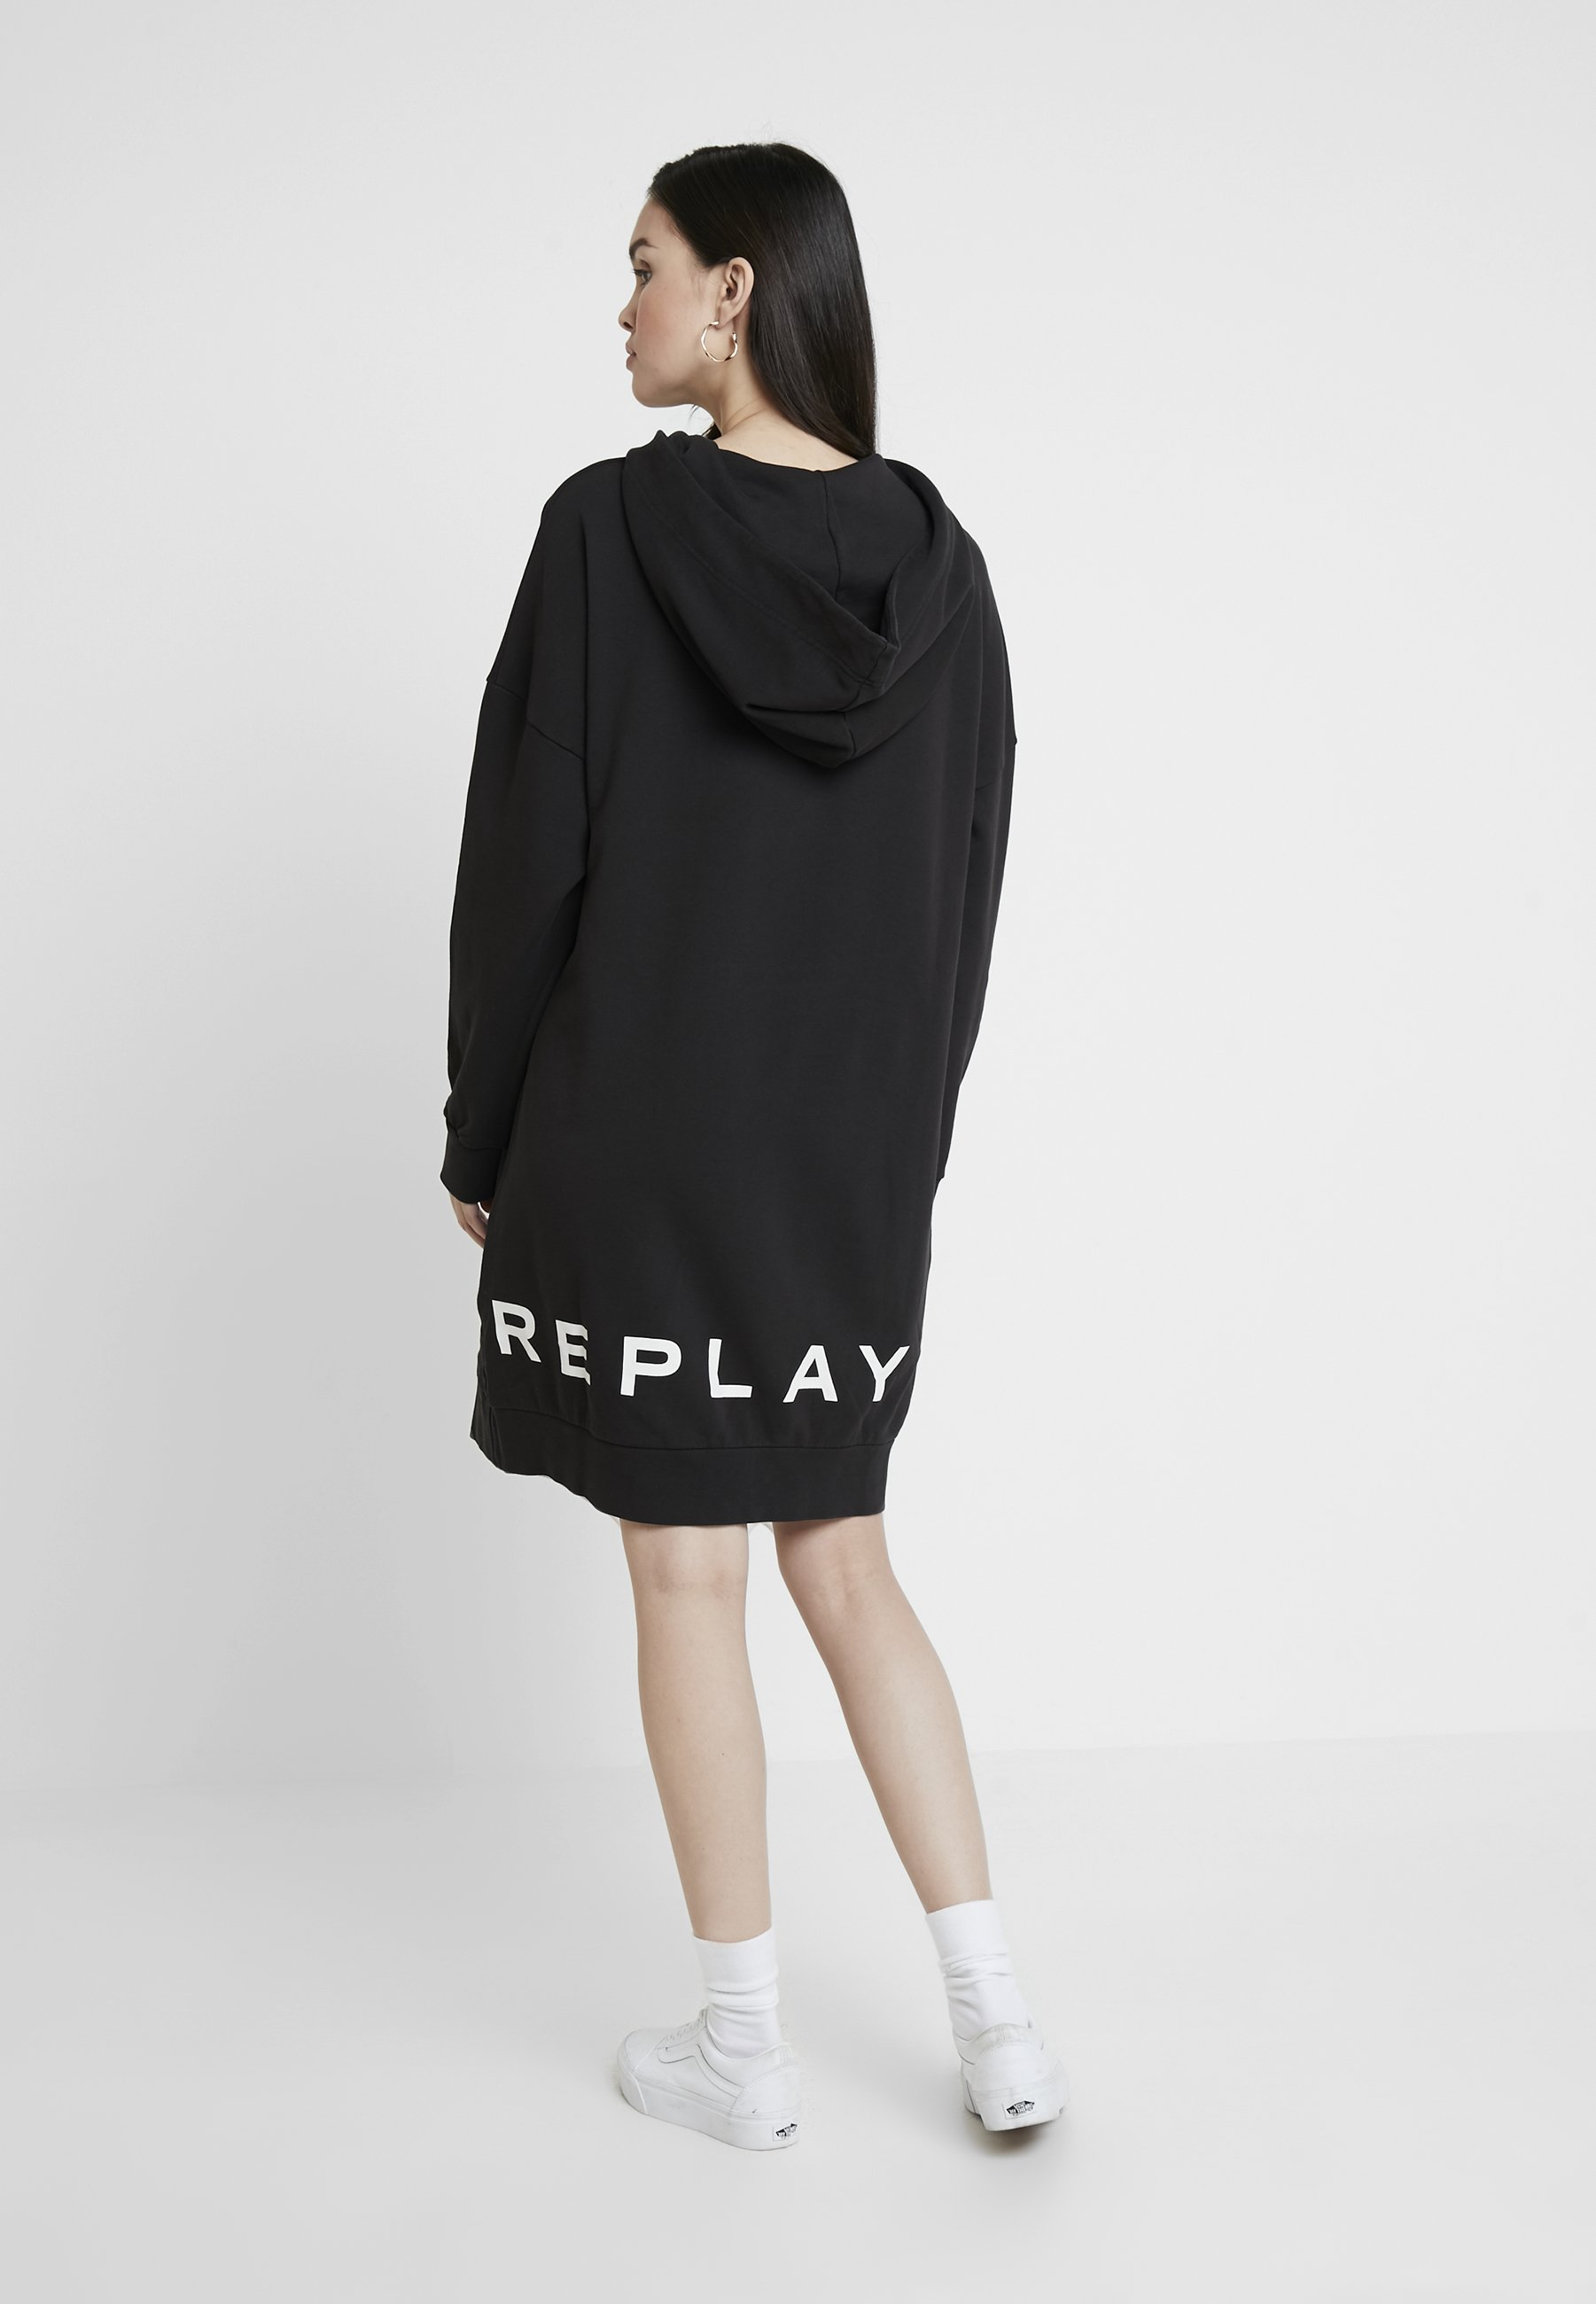 D'étéBlack Replay Replay Robe Robe Robe Replay D'étéBlack ul3F1KcTJ